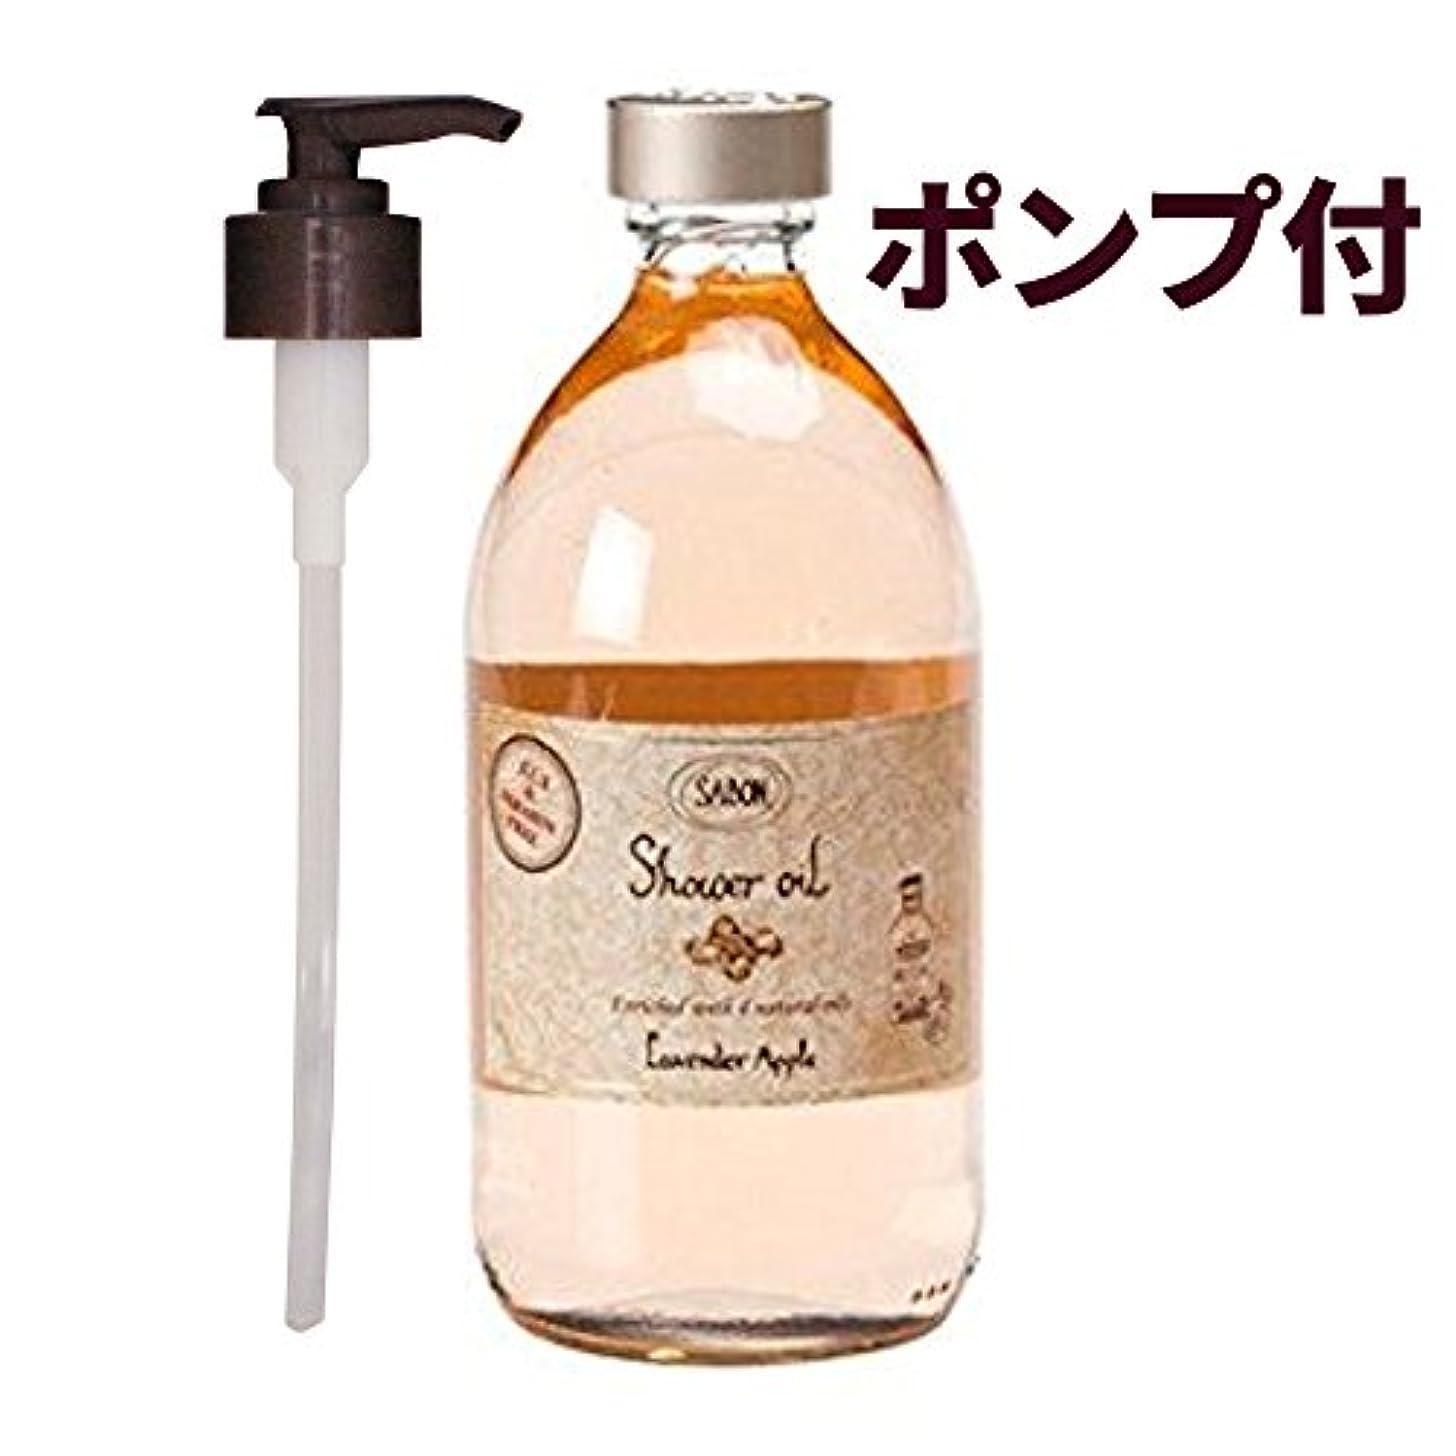 故意のベテラン効率的にサボン-SABON- ボディソープ シャワーオイルラベンダーアップル 500ml LavenderApple :宅急便対応  ポンプ付 [並行輸入品]